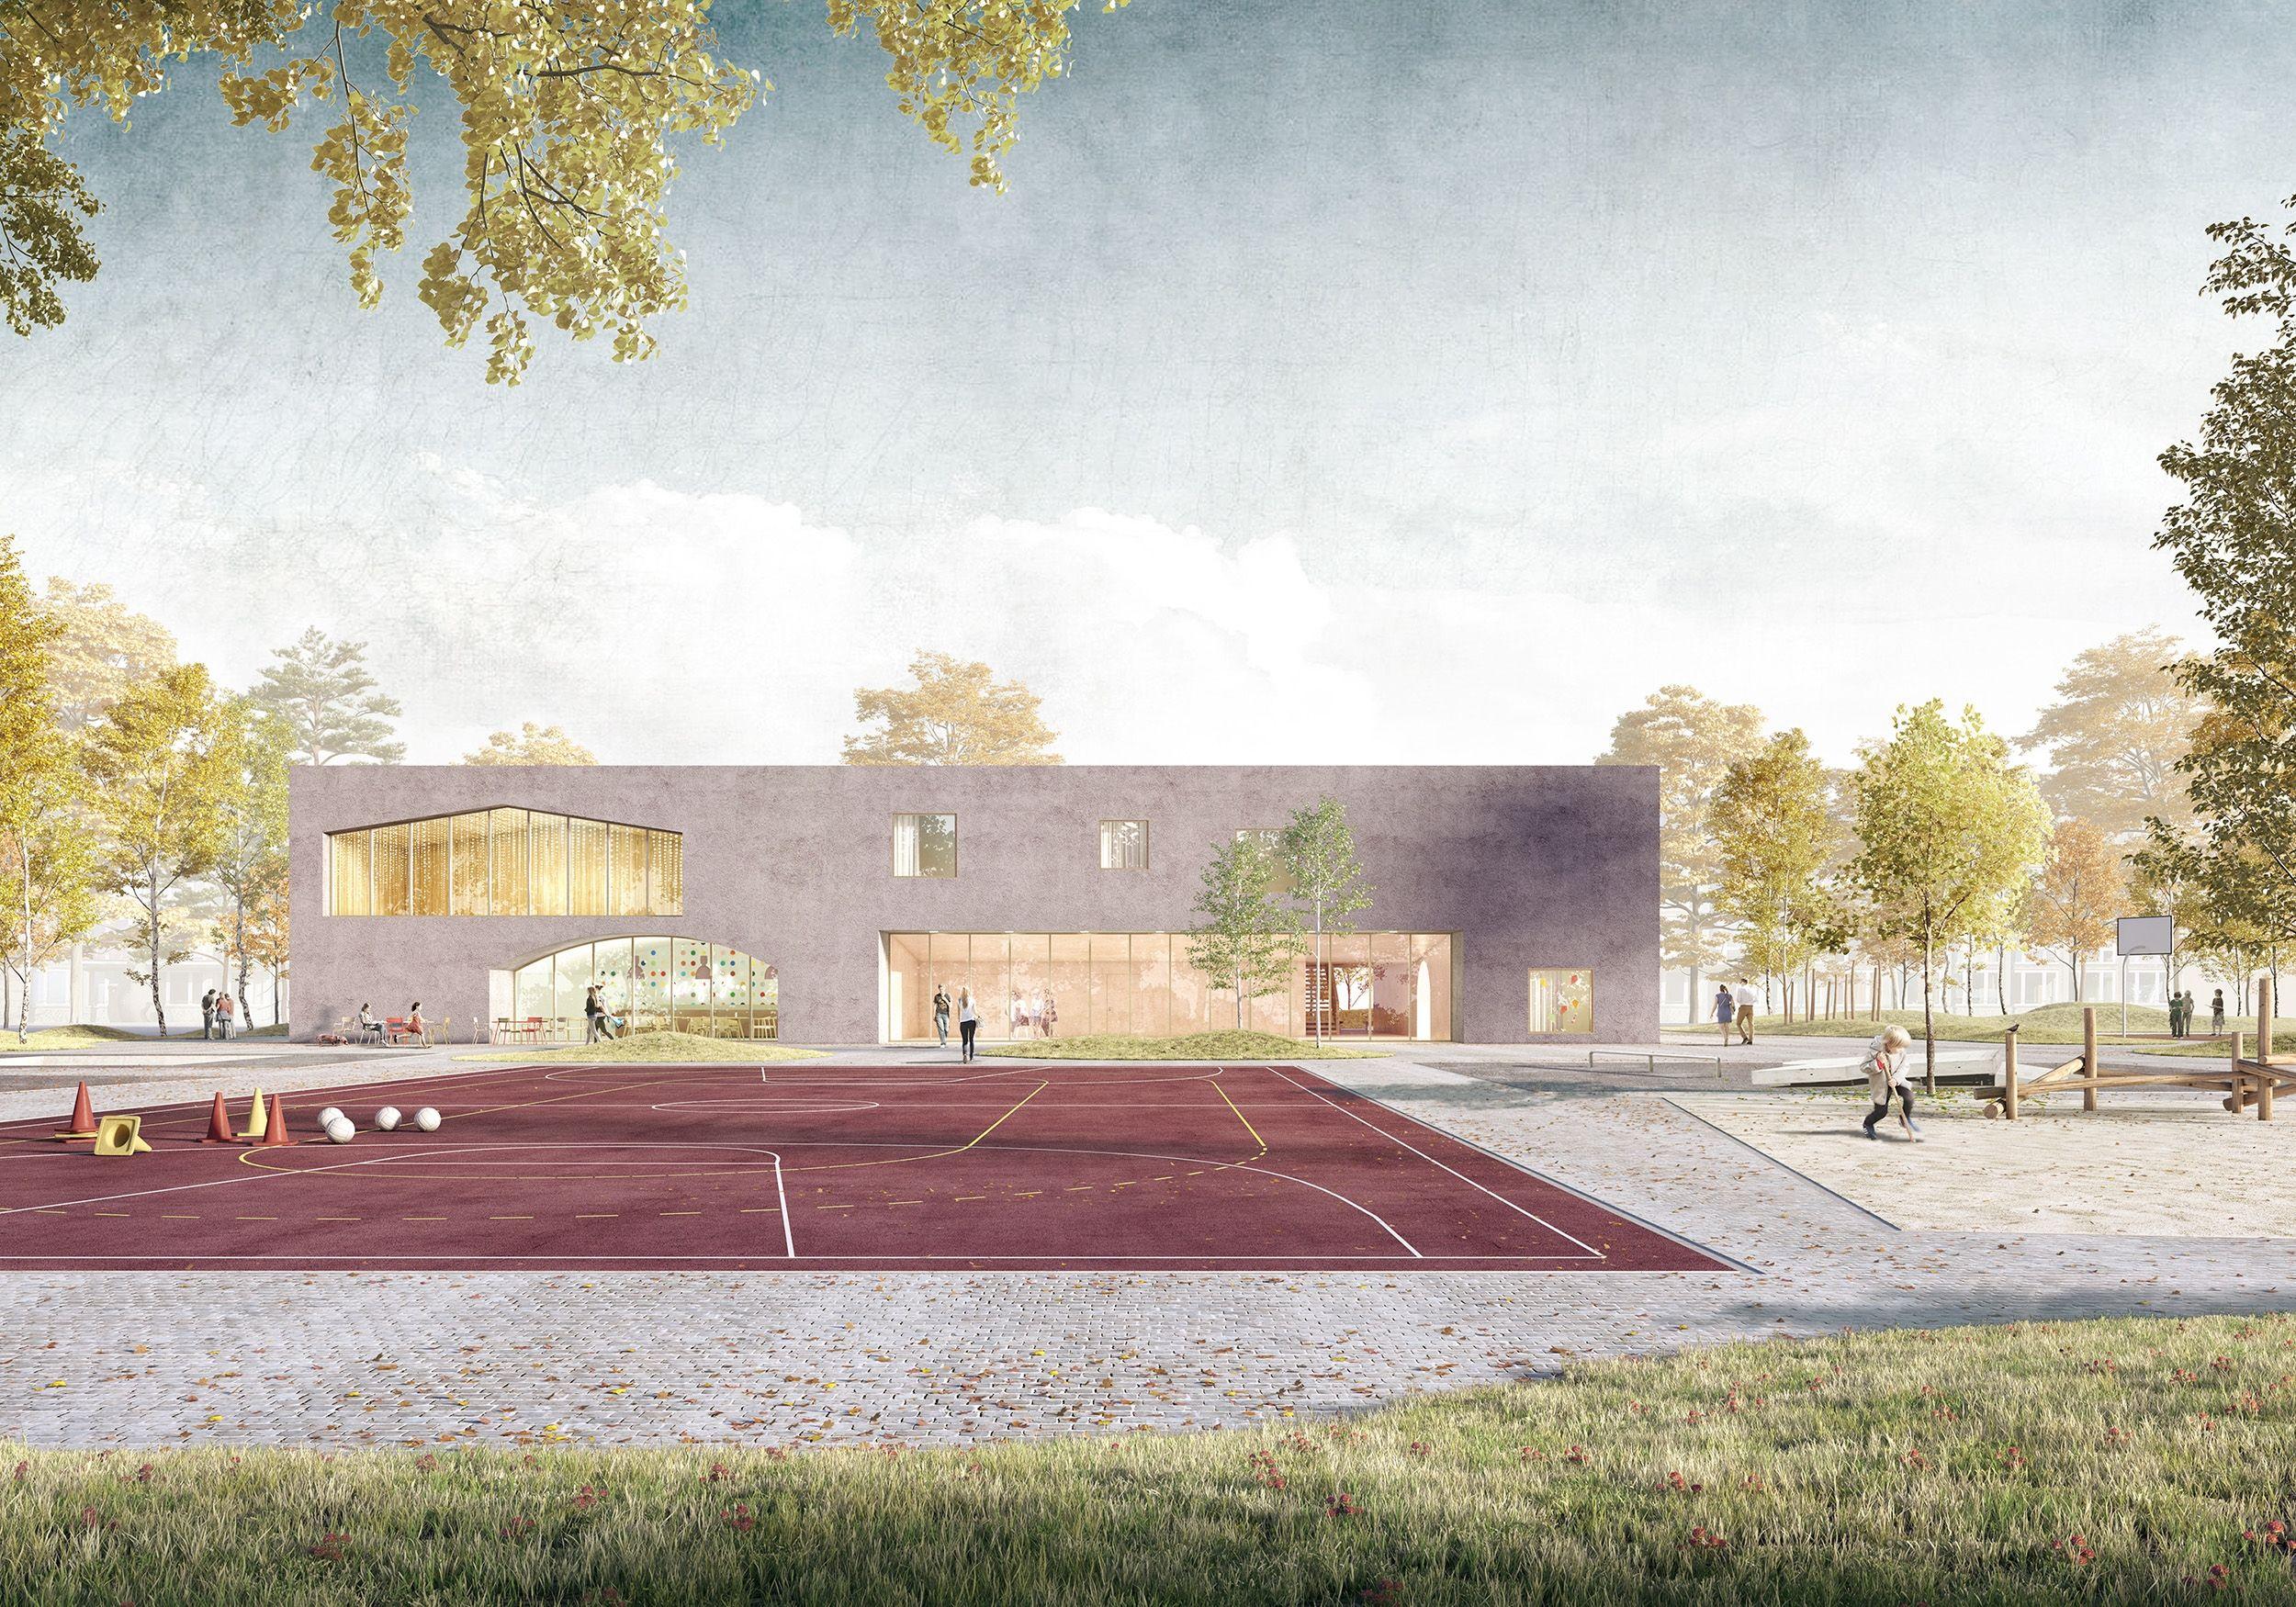 Haus der jugend heidelberg 2017 murr architekten part gmbb for Innenarchitektur heidelberg